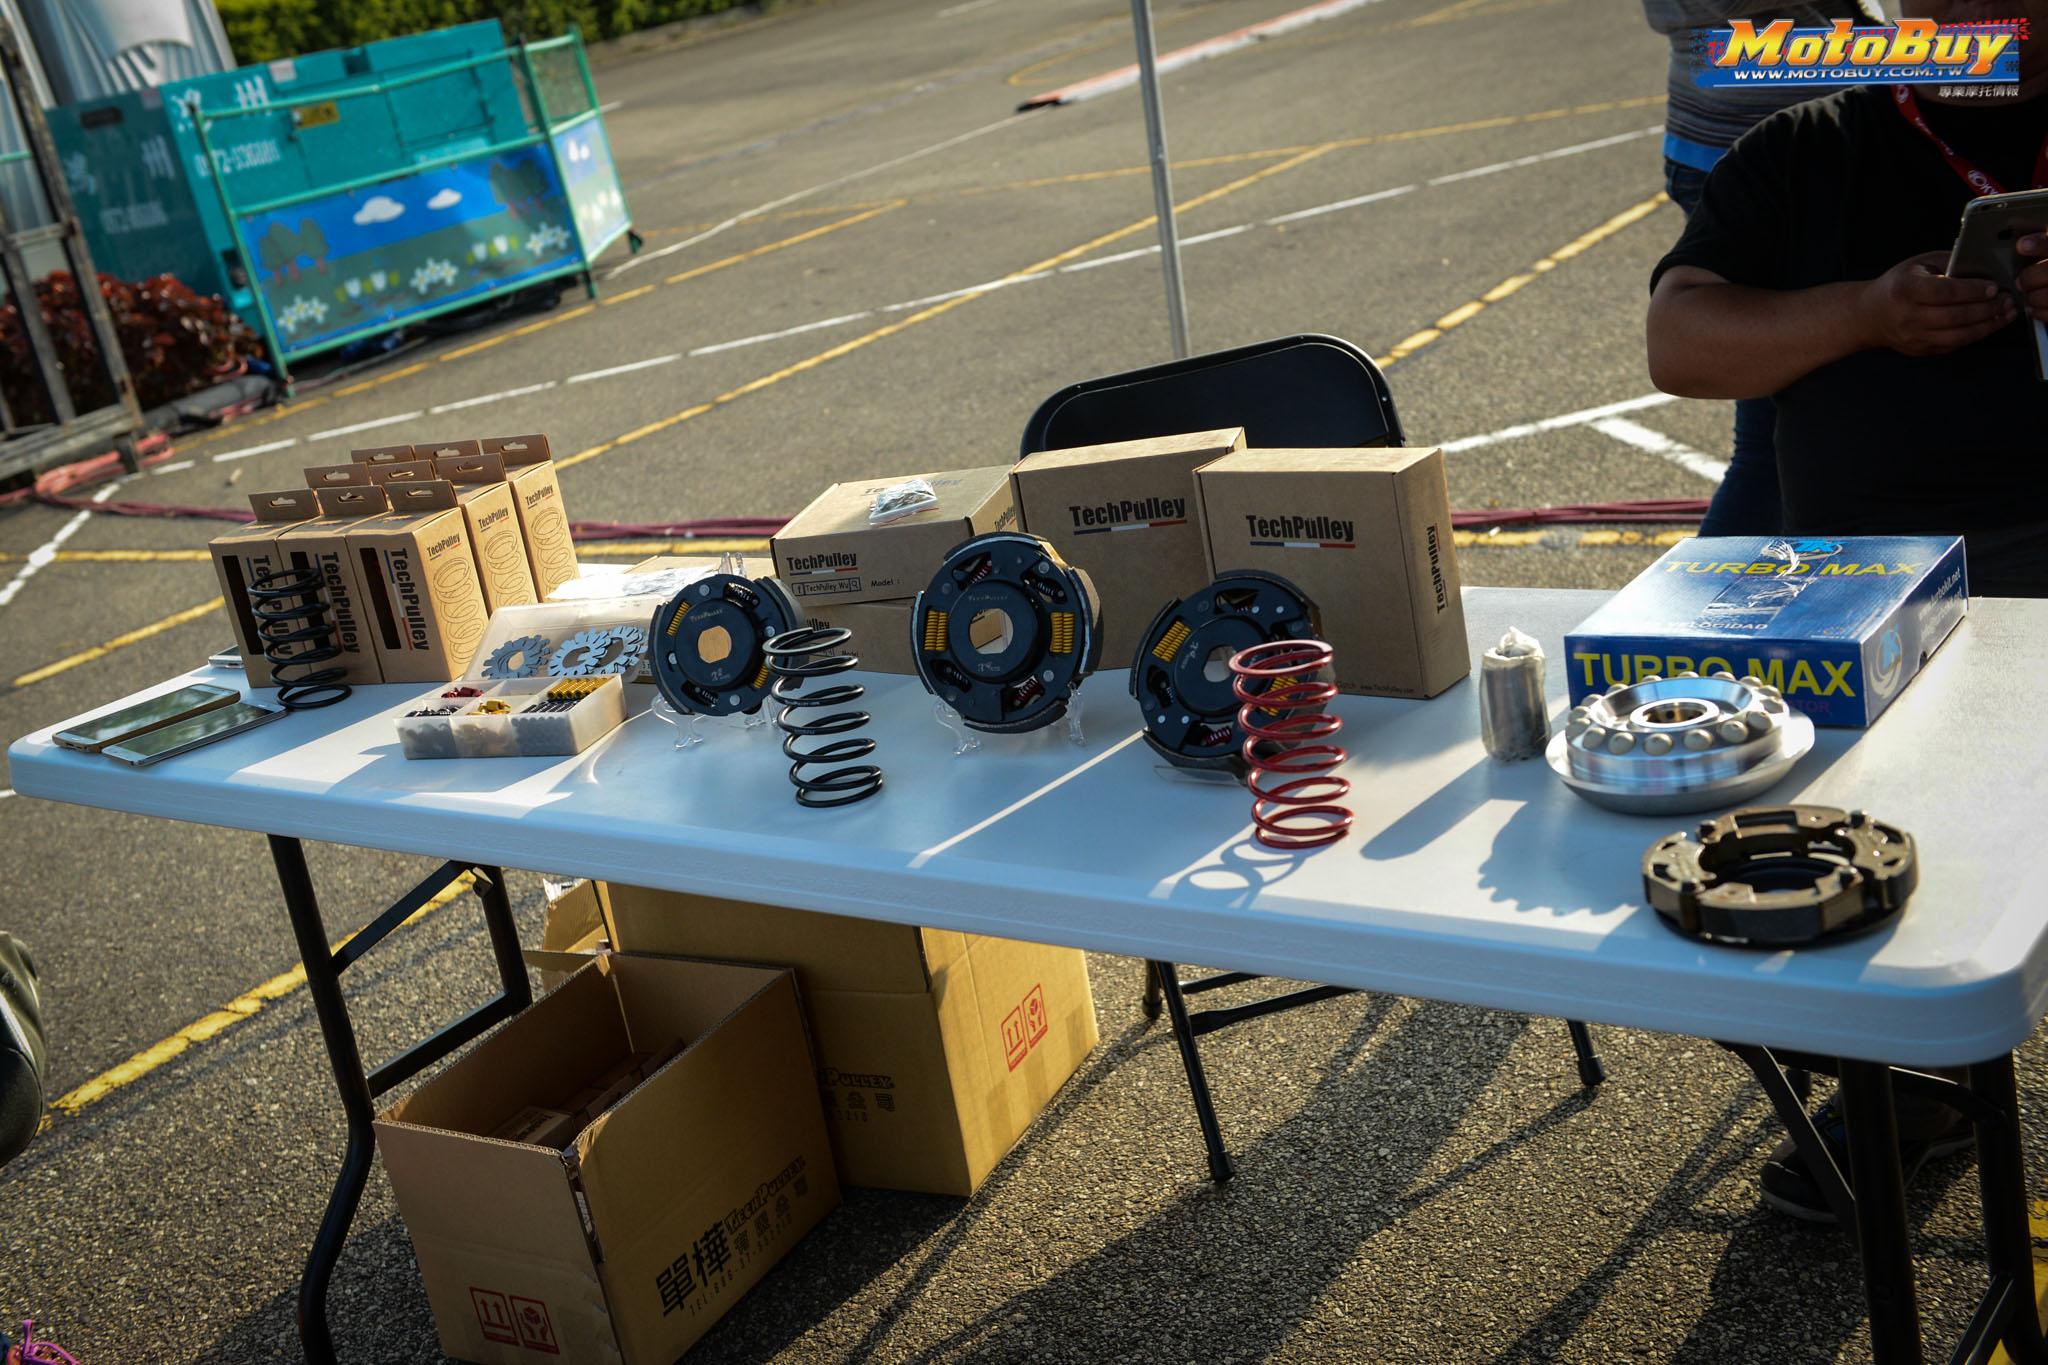 [活動採訪] 2015 光陽重機跑旅團 - 瘋騎馬拉灣藍白復古Party! | MotoBuy